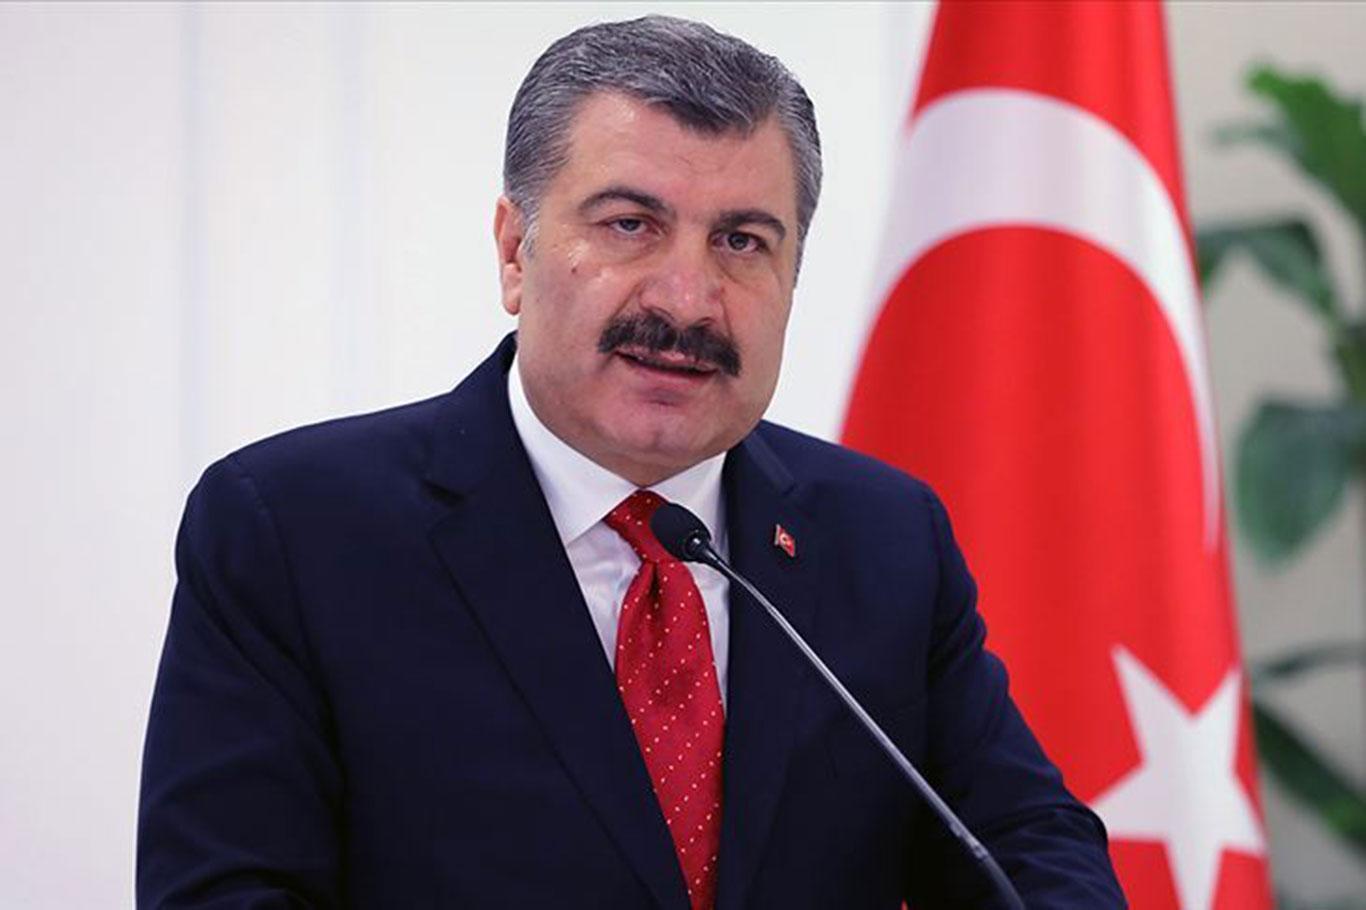 عاجل| وزير الصحة التركي يعلن عن الإصابات الجديدة بفايروس كورونا 1 ابريل 2020